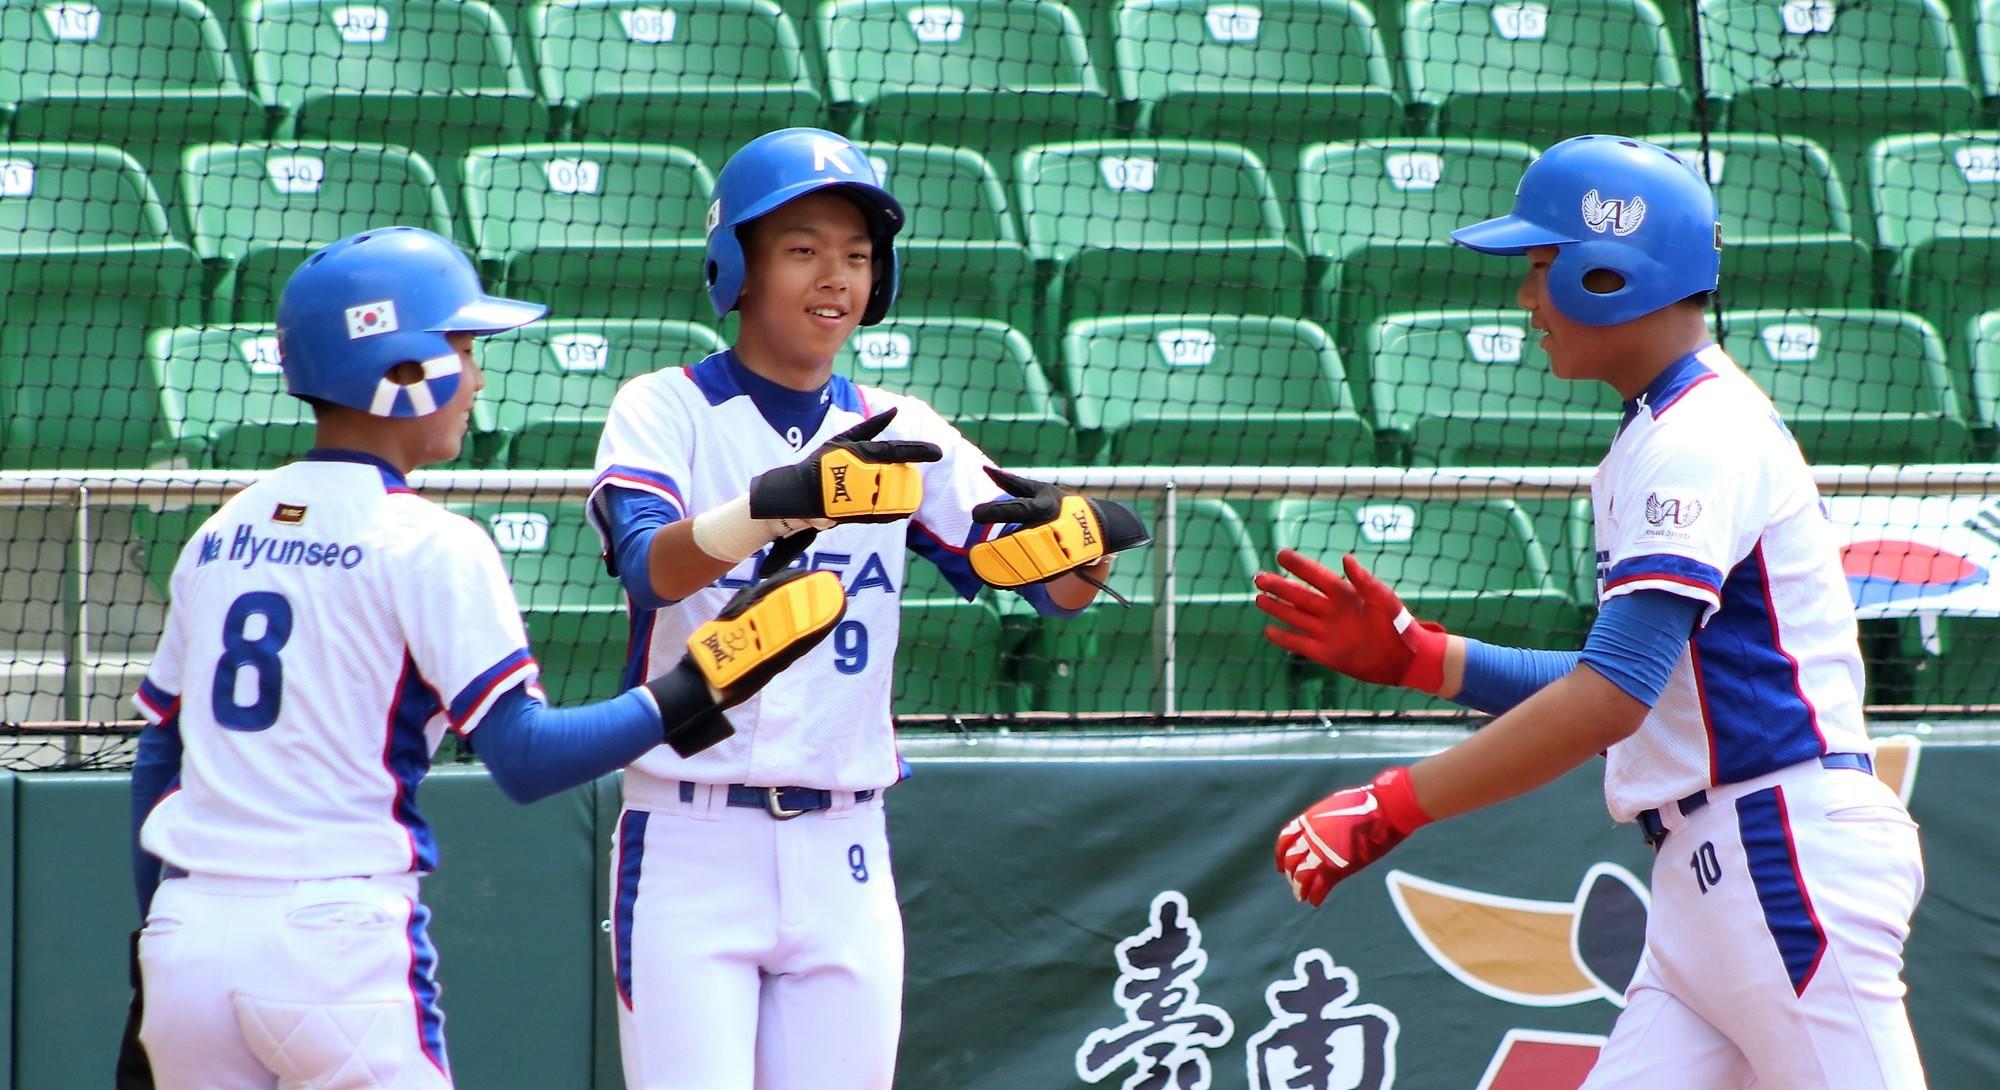 Korea celebrates the early lead